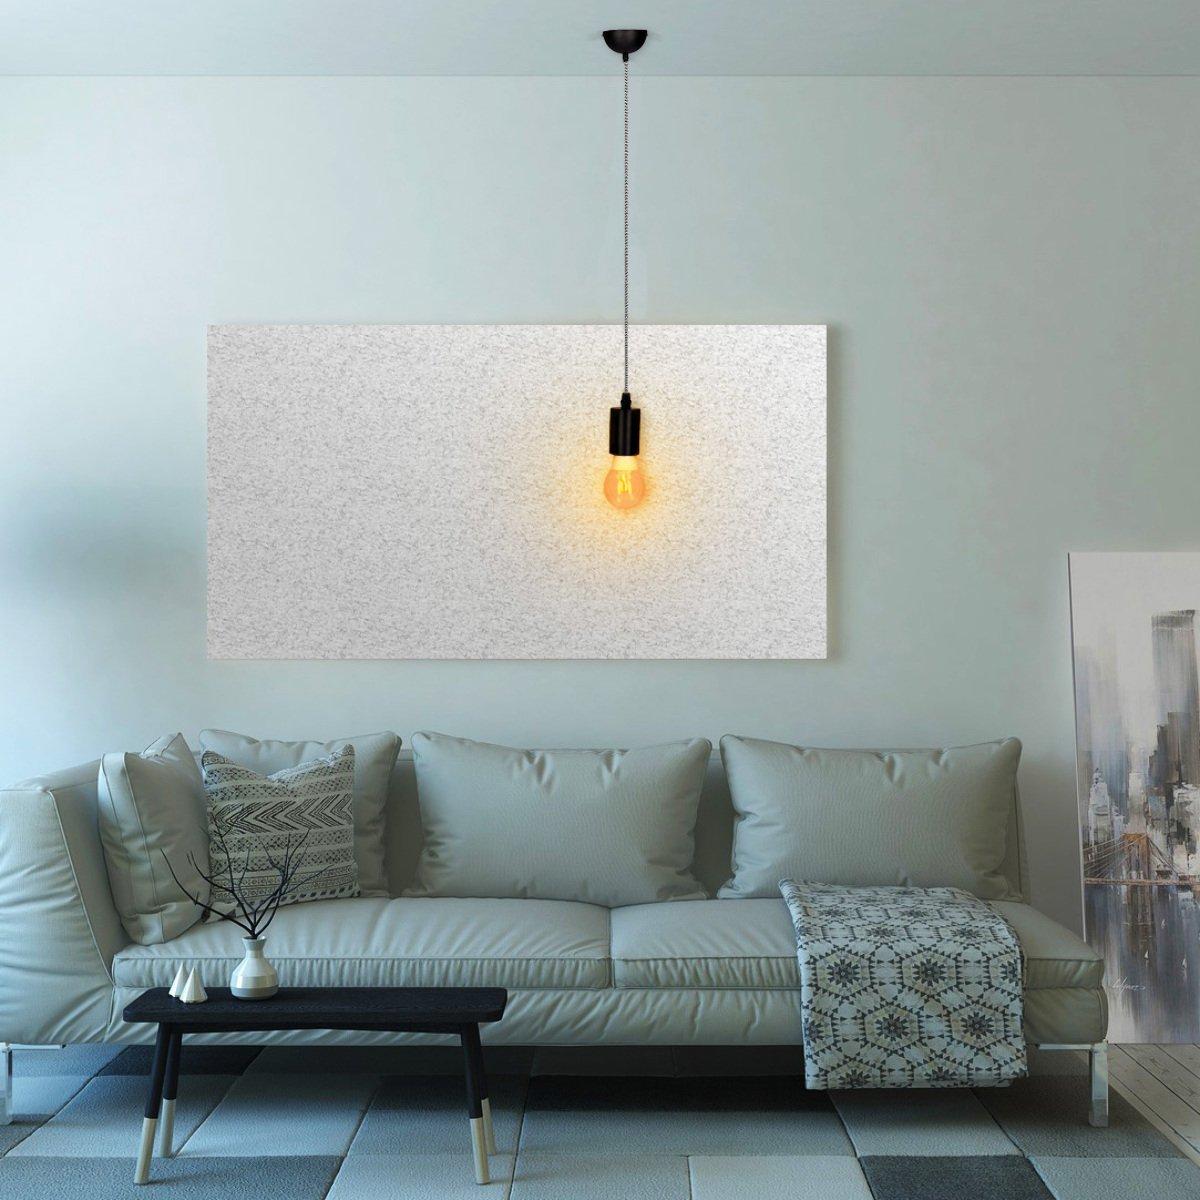 kwmobile 2x câble électrique pour lampe - Câble avec douille E27 bague de  fixation et support - Monture ... 9cb503f25c9a